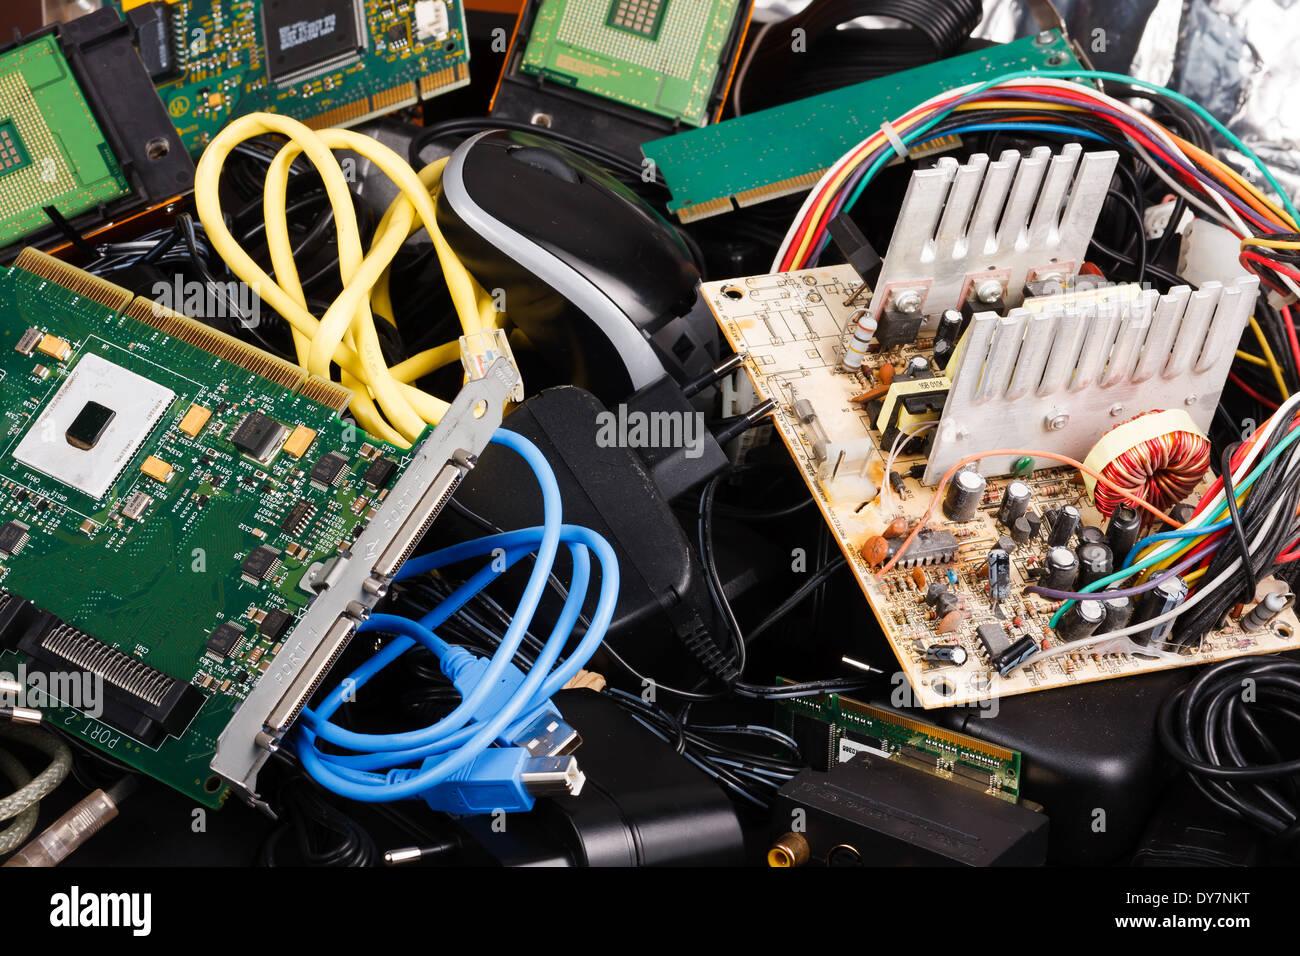 Ancien bloc d'alimentation, câbles, disque dur dans la corbeille. Photo Stock